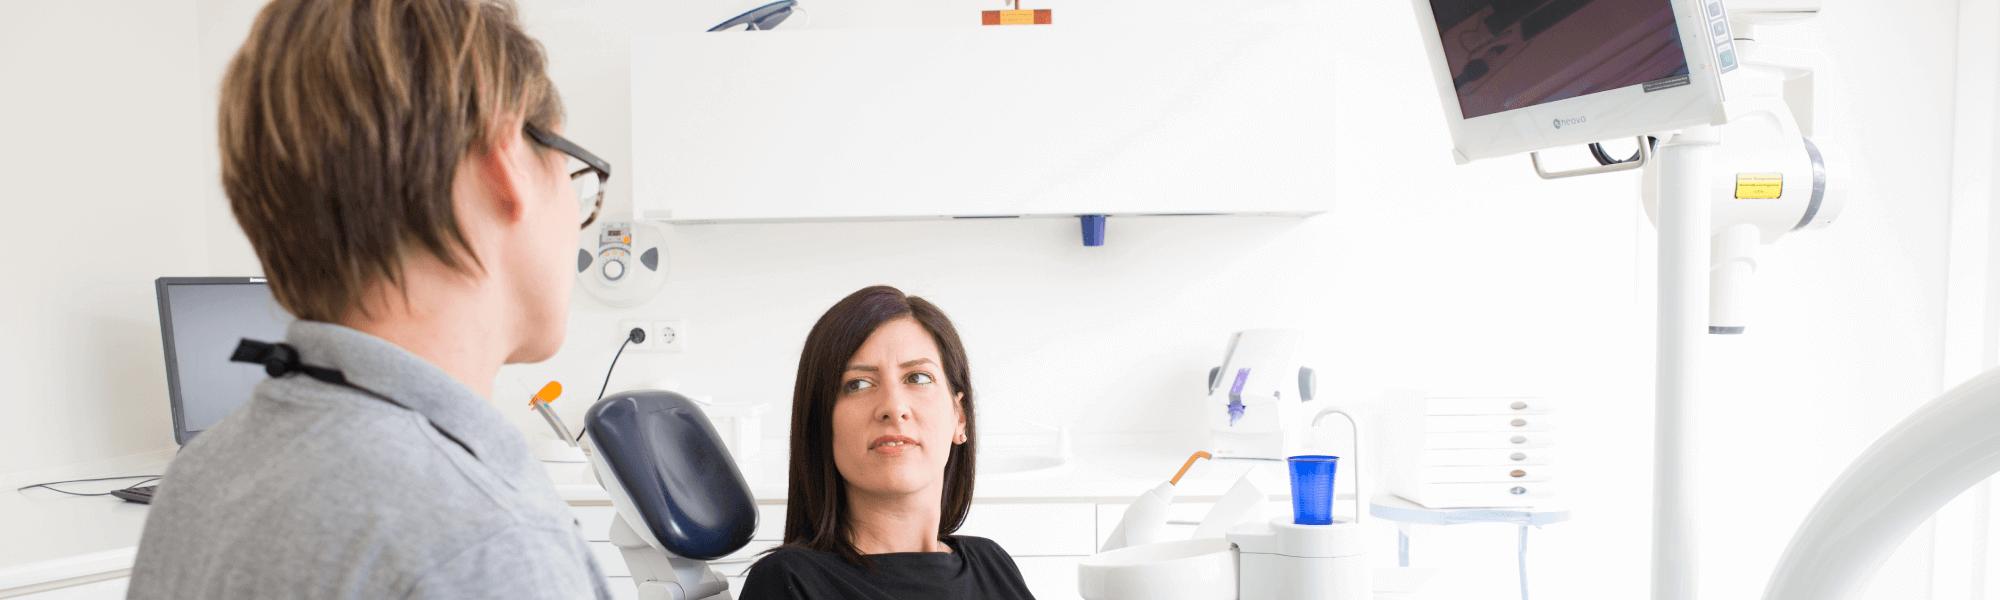 Ästhetische Zahnheilkunde - Zahnärztin Dr. Zimmermann im Gespräch mit einer Patientin